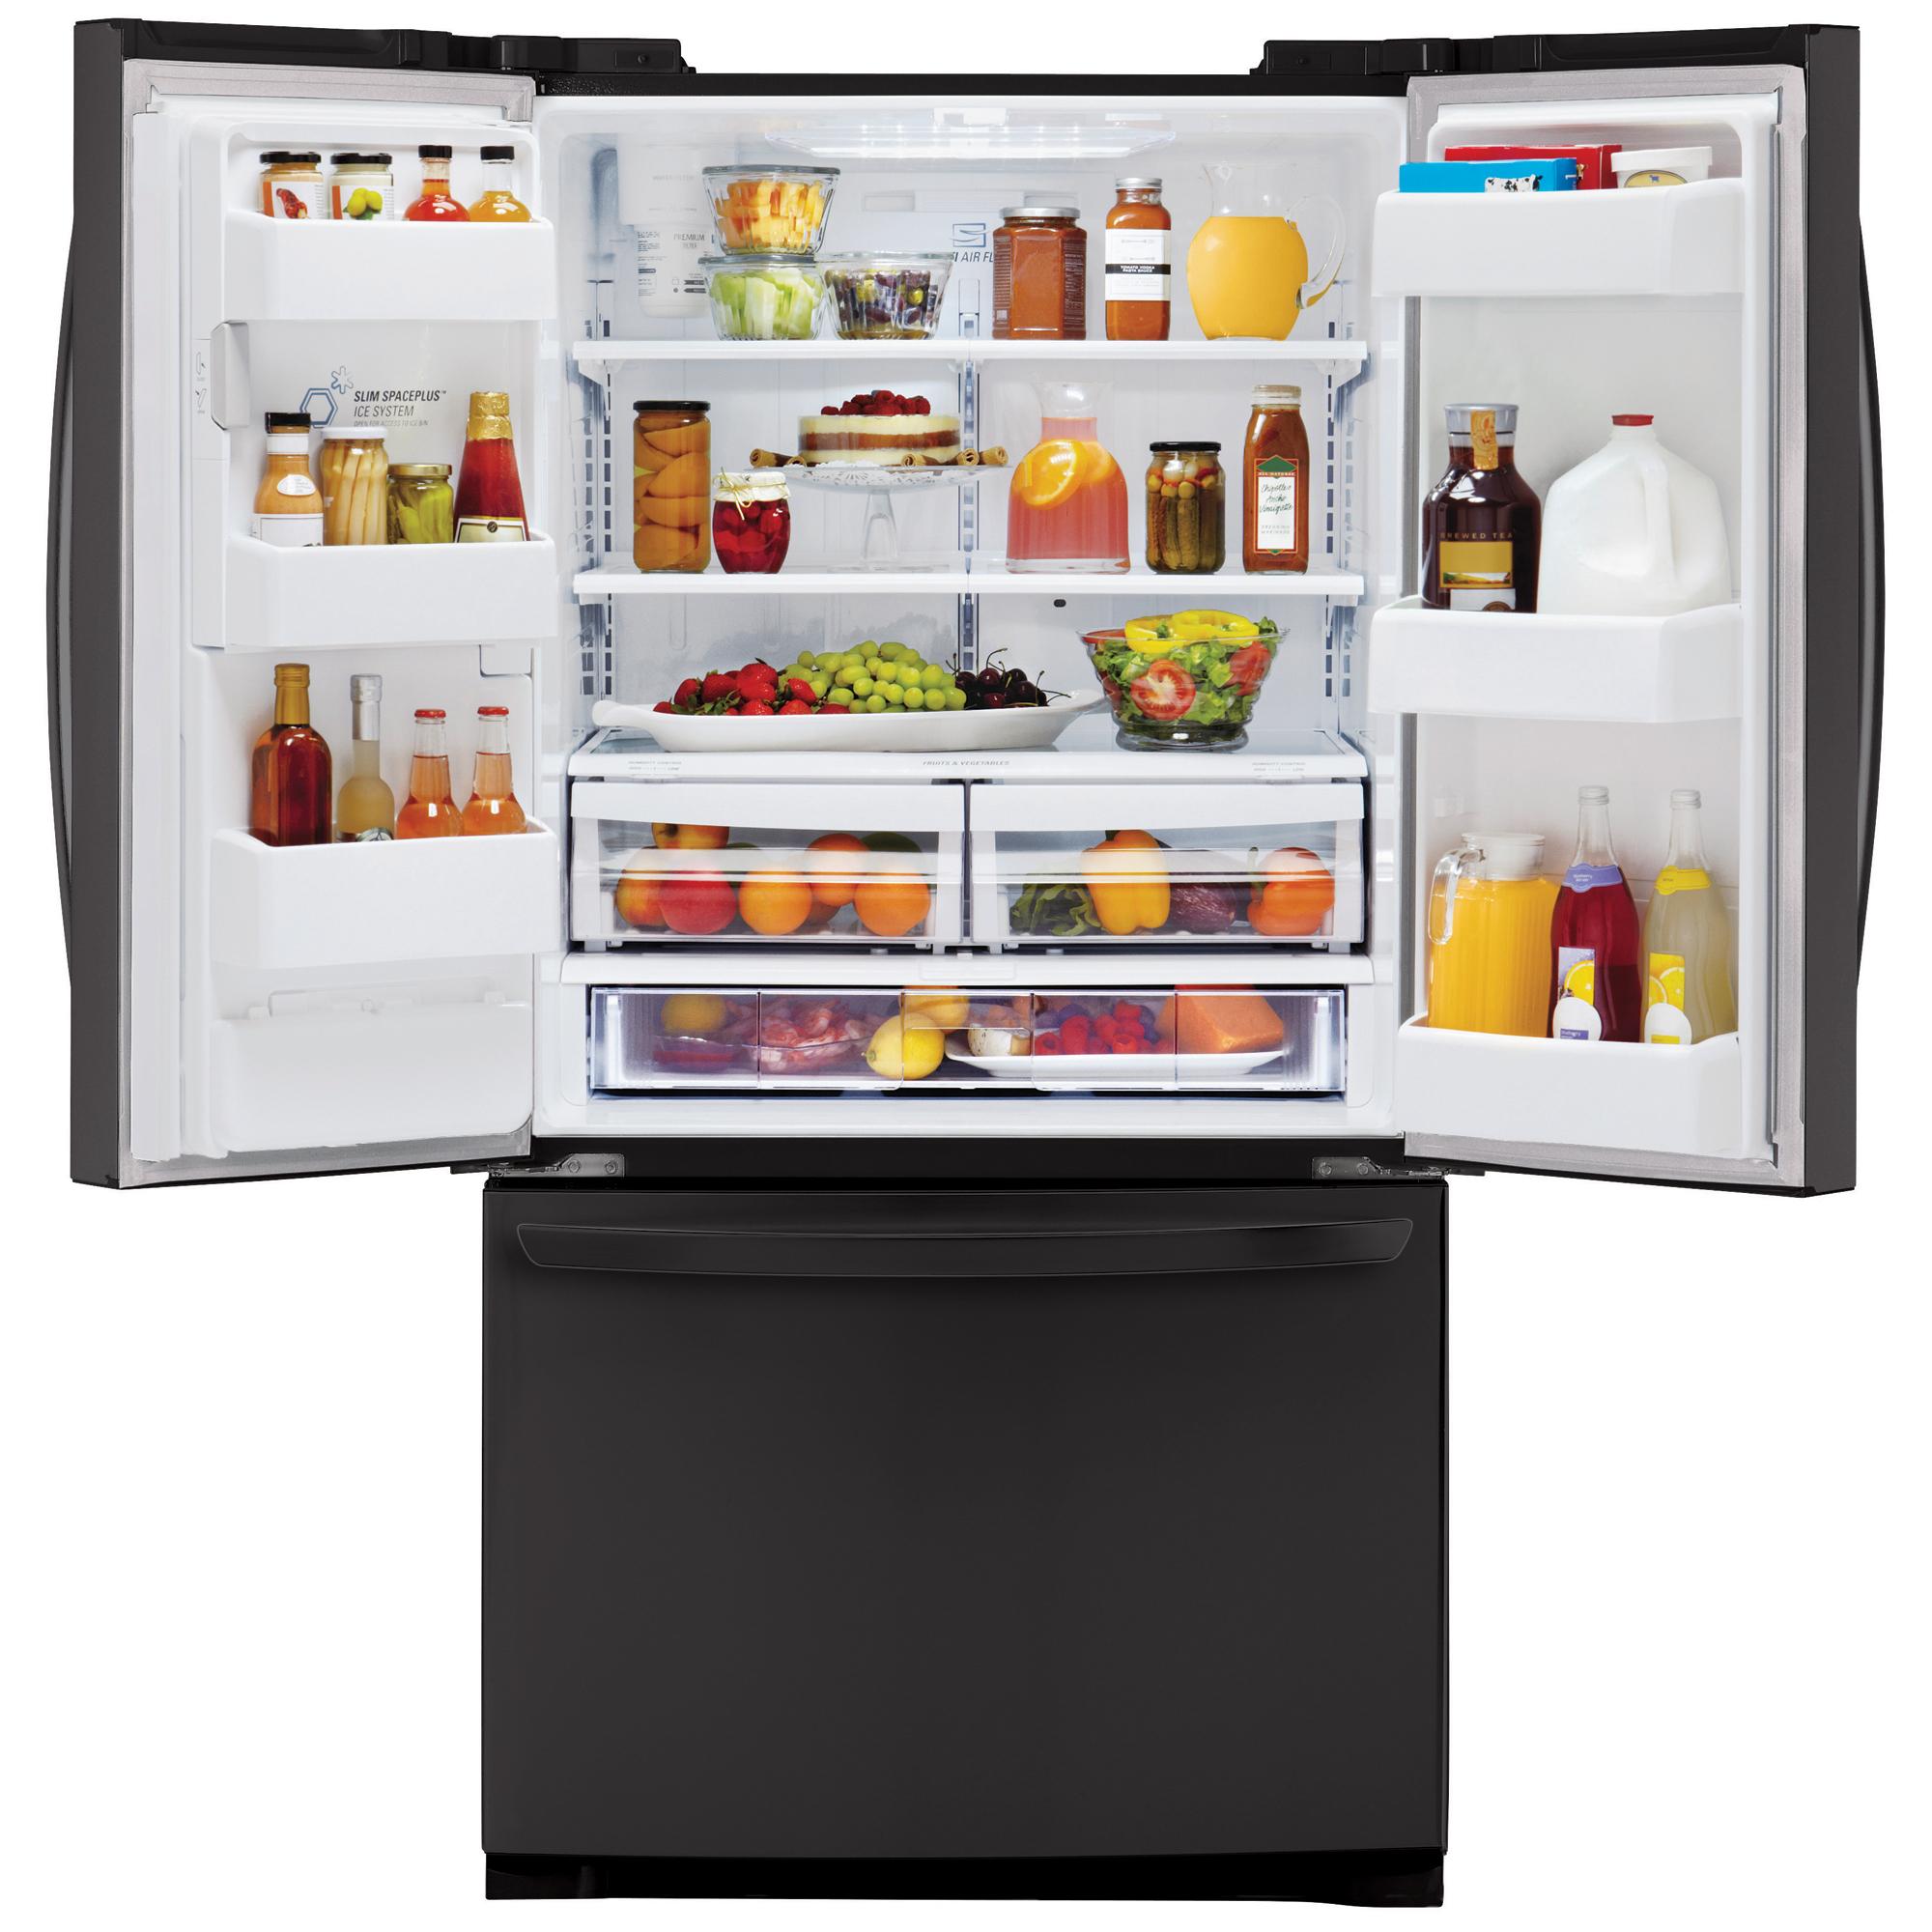 LG LFX25974SB 24.7 Cu. Ft. French Door Black Bottom-Freezer Refrigerator